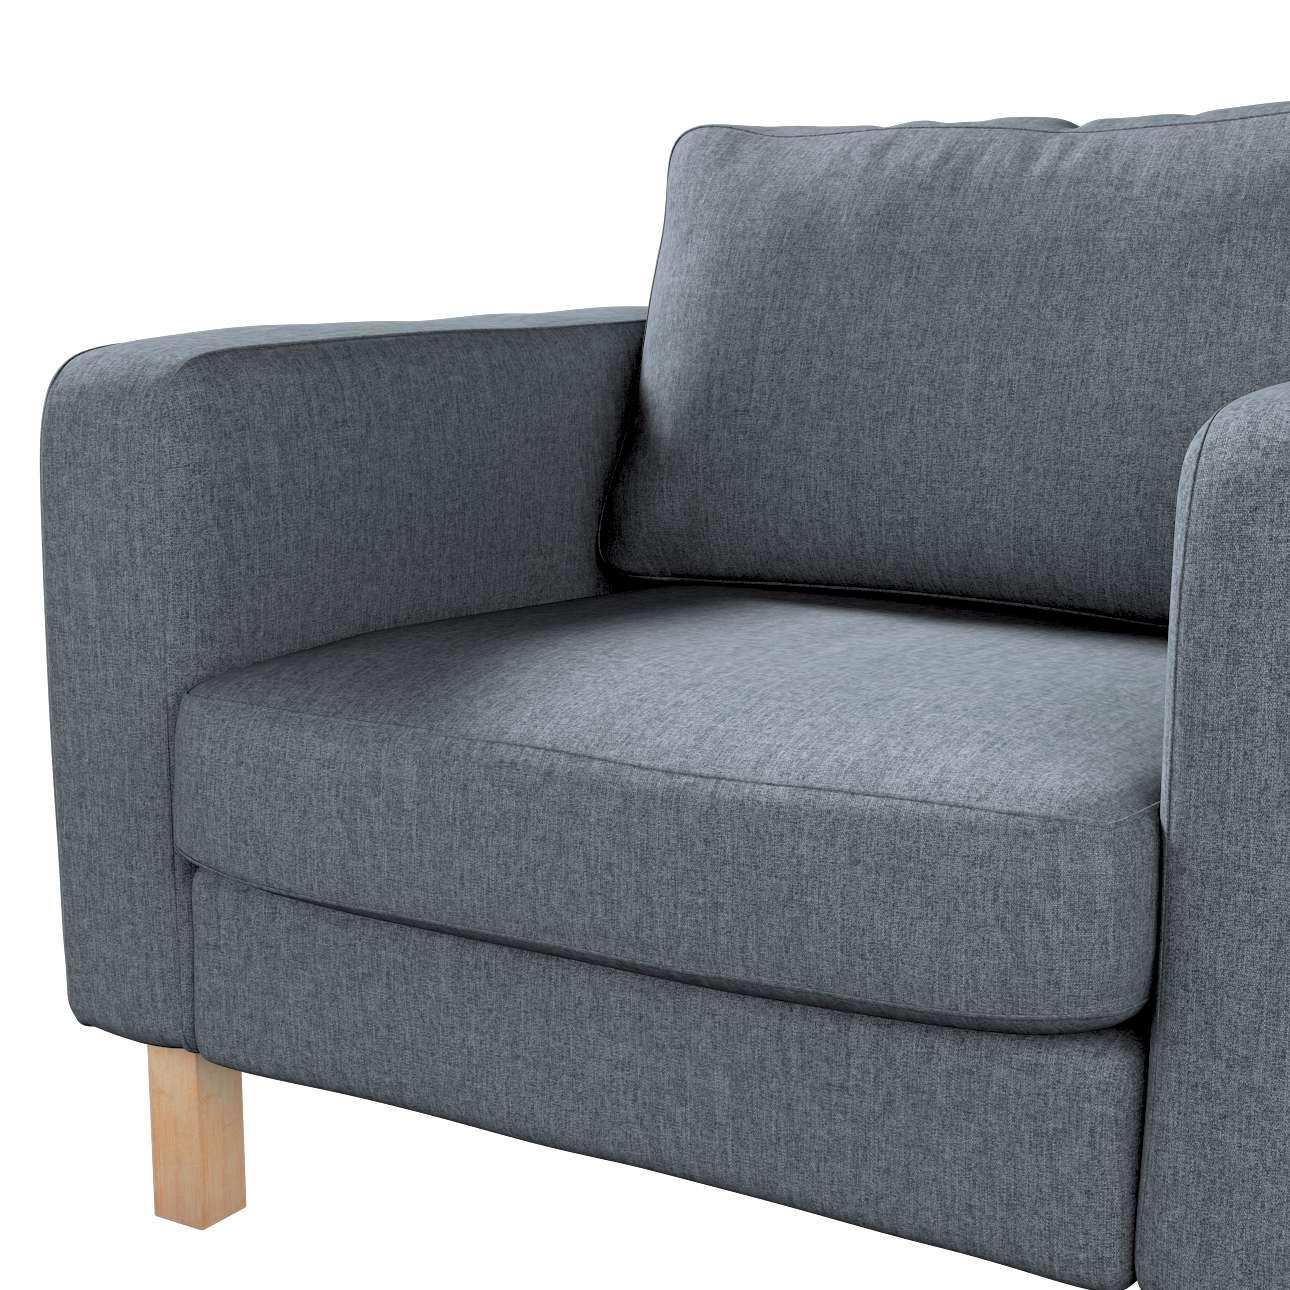 Pokrowiec na fotel Karlstad, krótki w kolekcji City, tkanina: 704-86